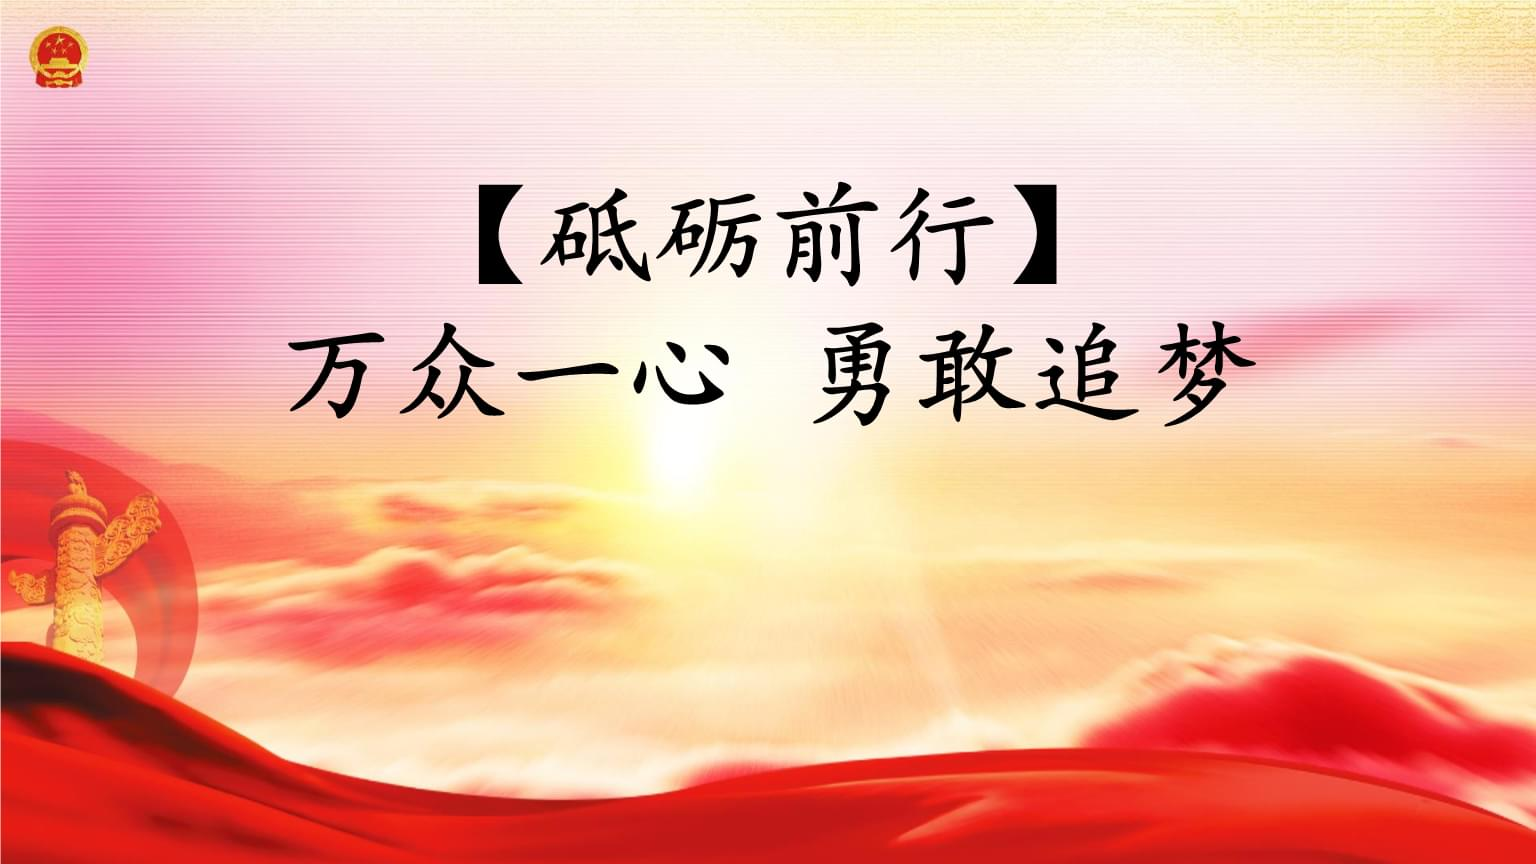 庆祝新中国成立建国70周年主题党课模板.pptx